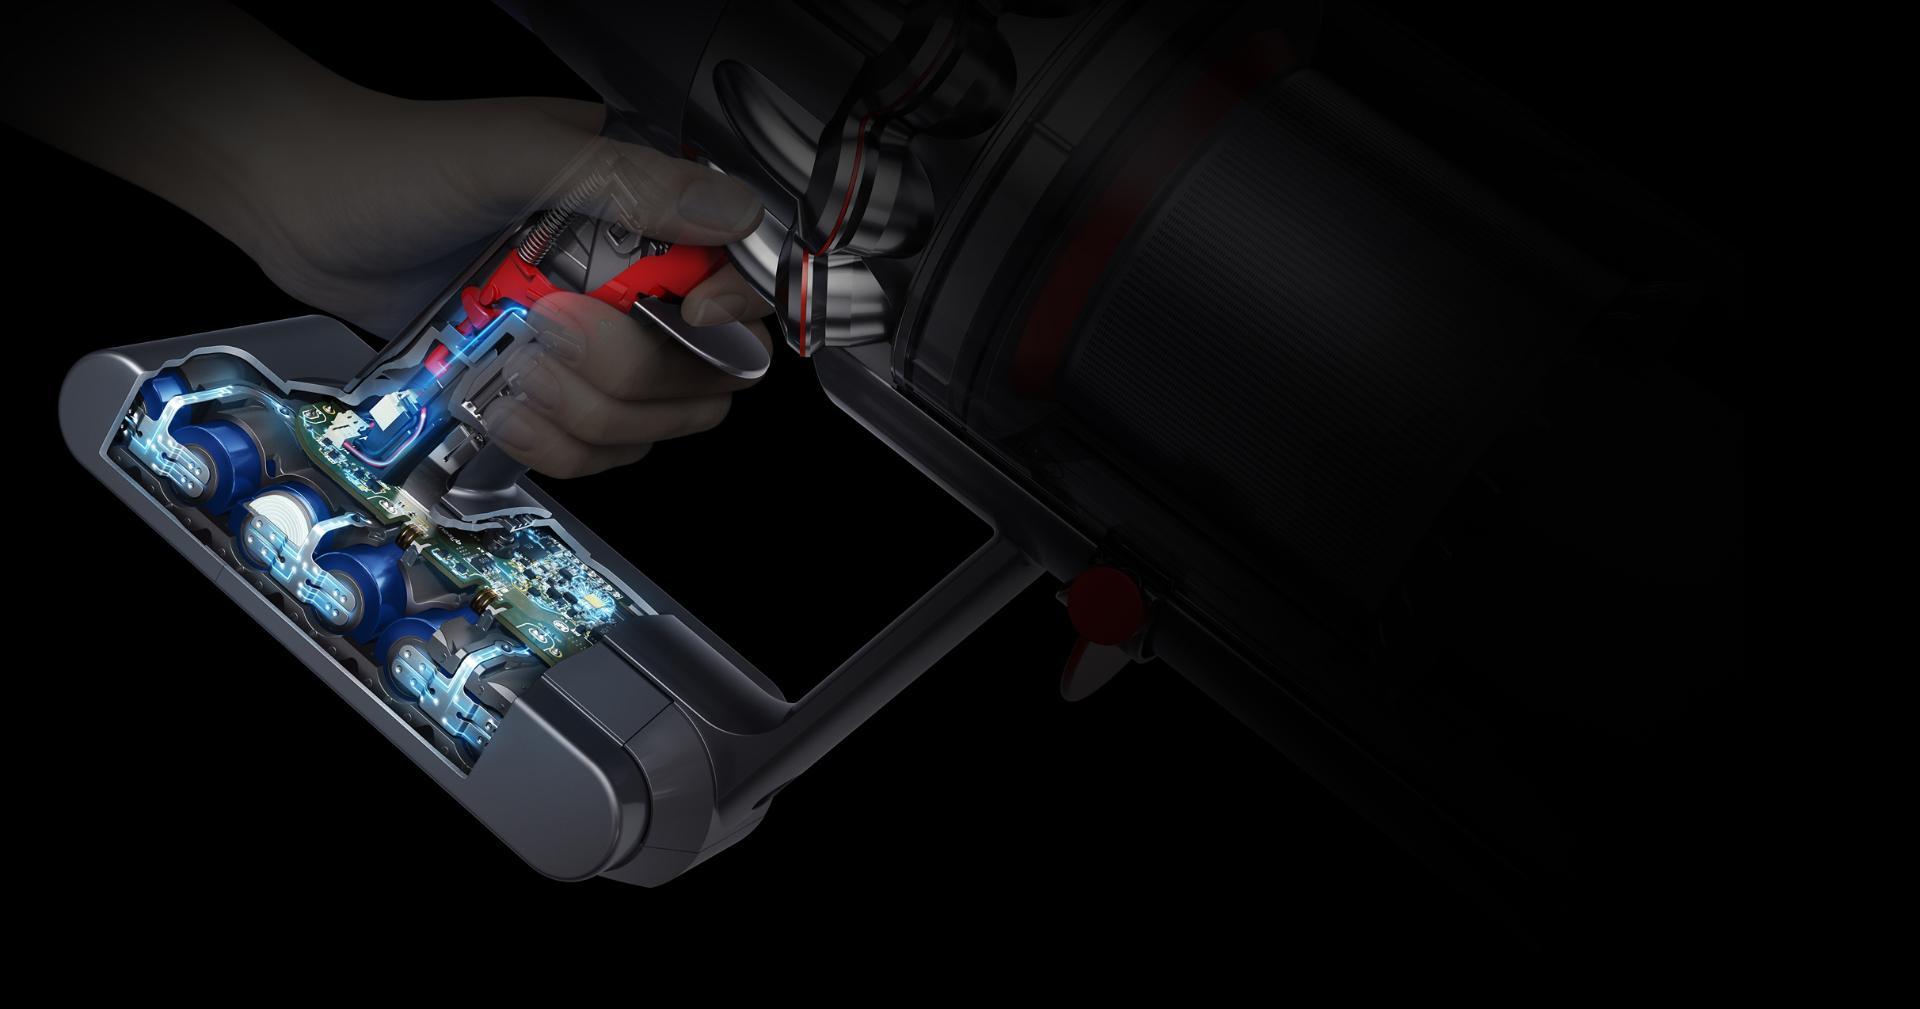 صورة بالأشعة السينية لنظام إدارة البطارية الفريد من دايسون